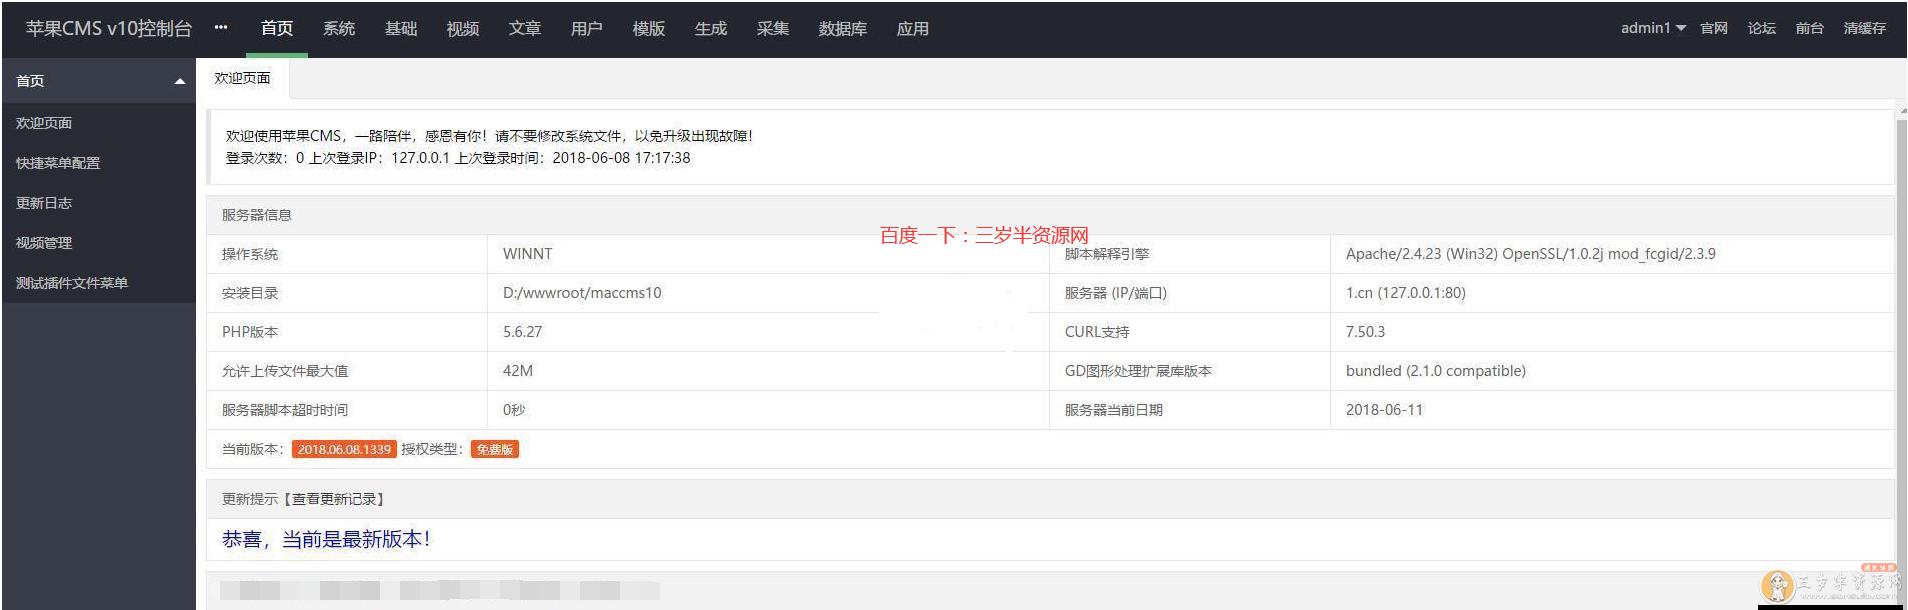 苹果CMS内容管理系统 v10,苹果CMS源码